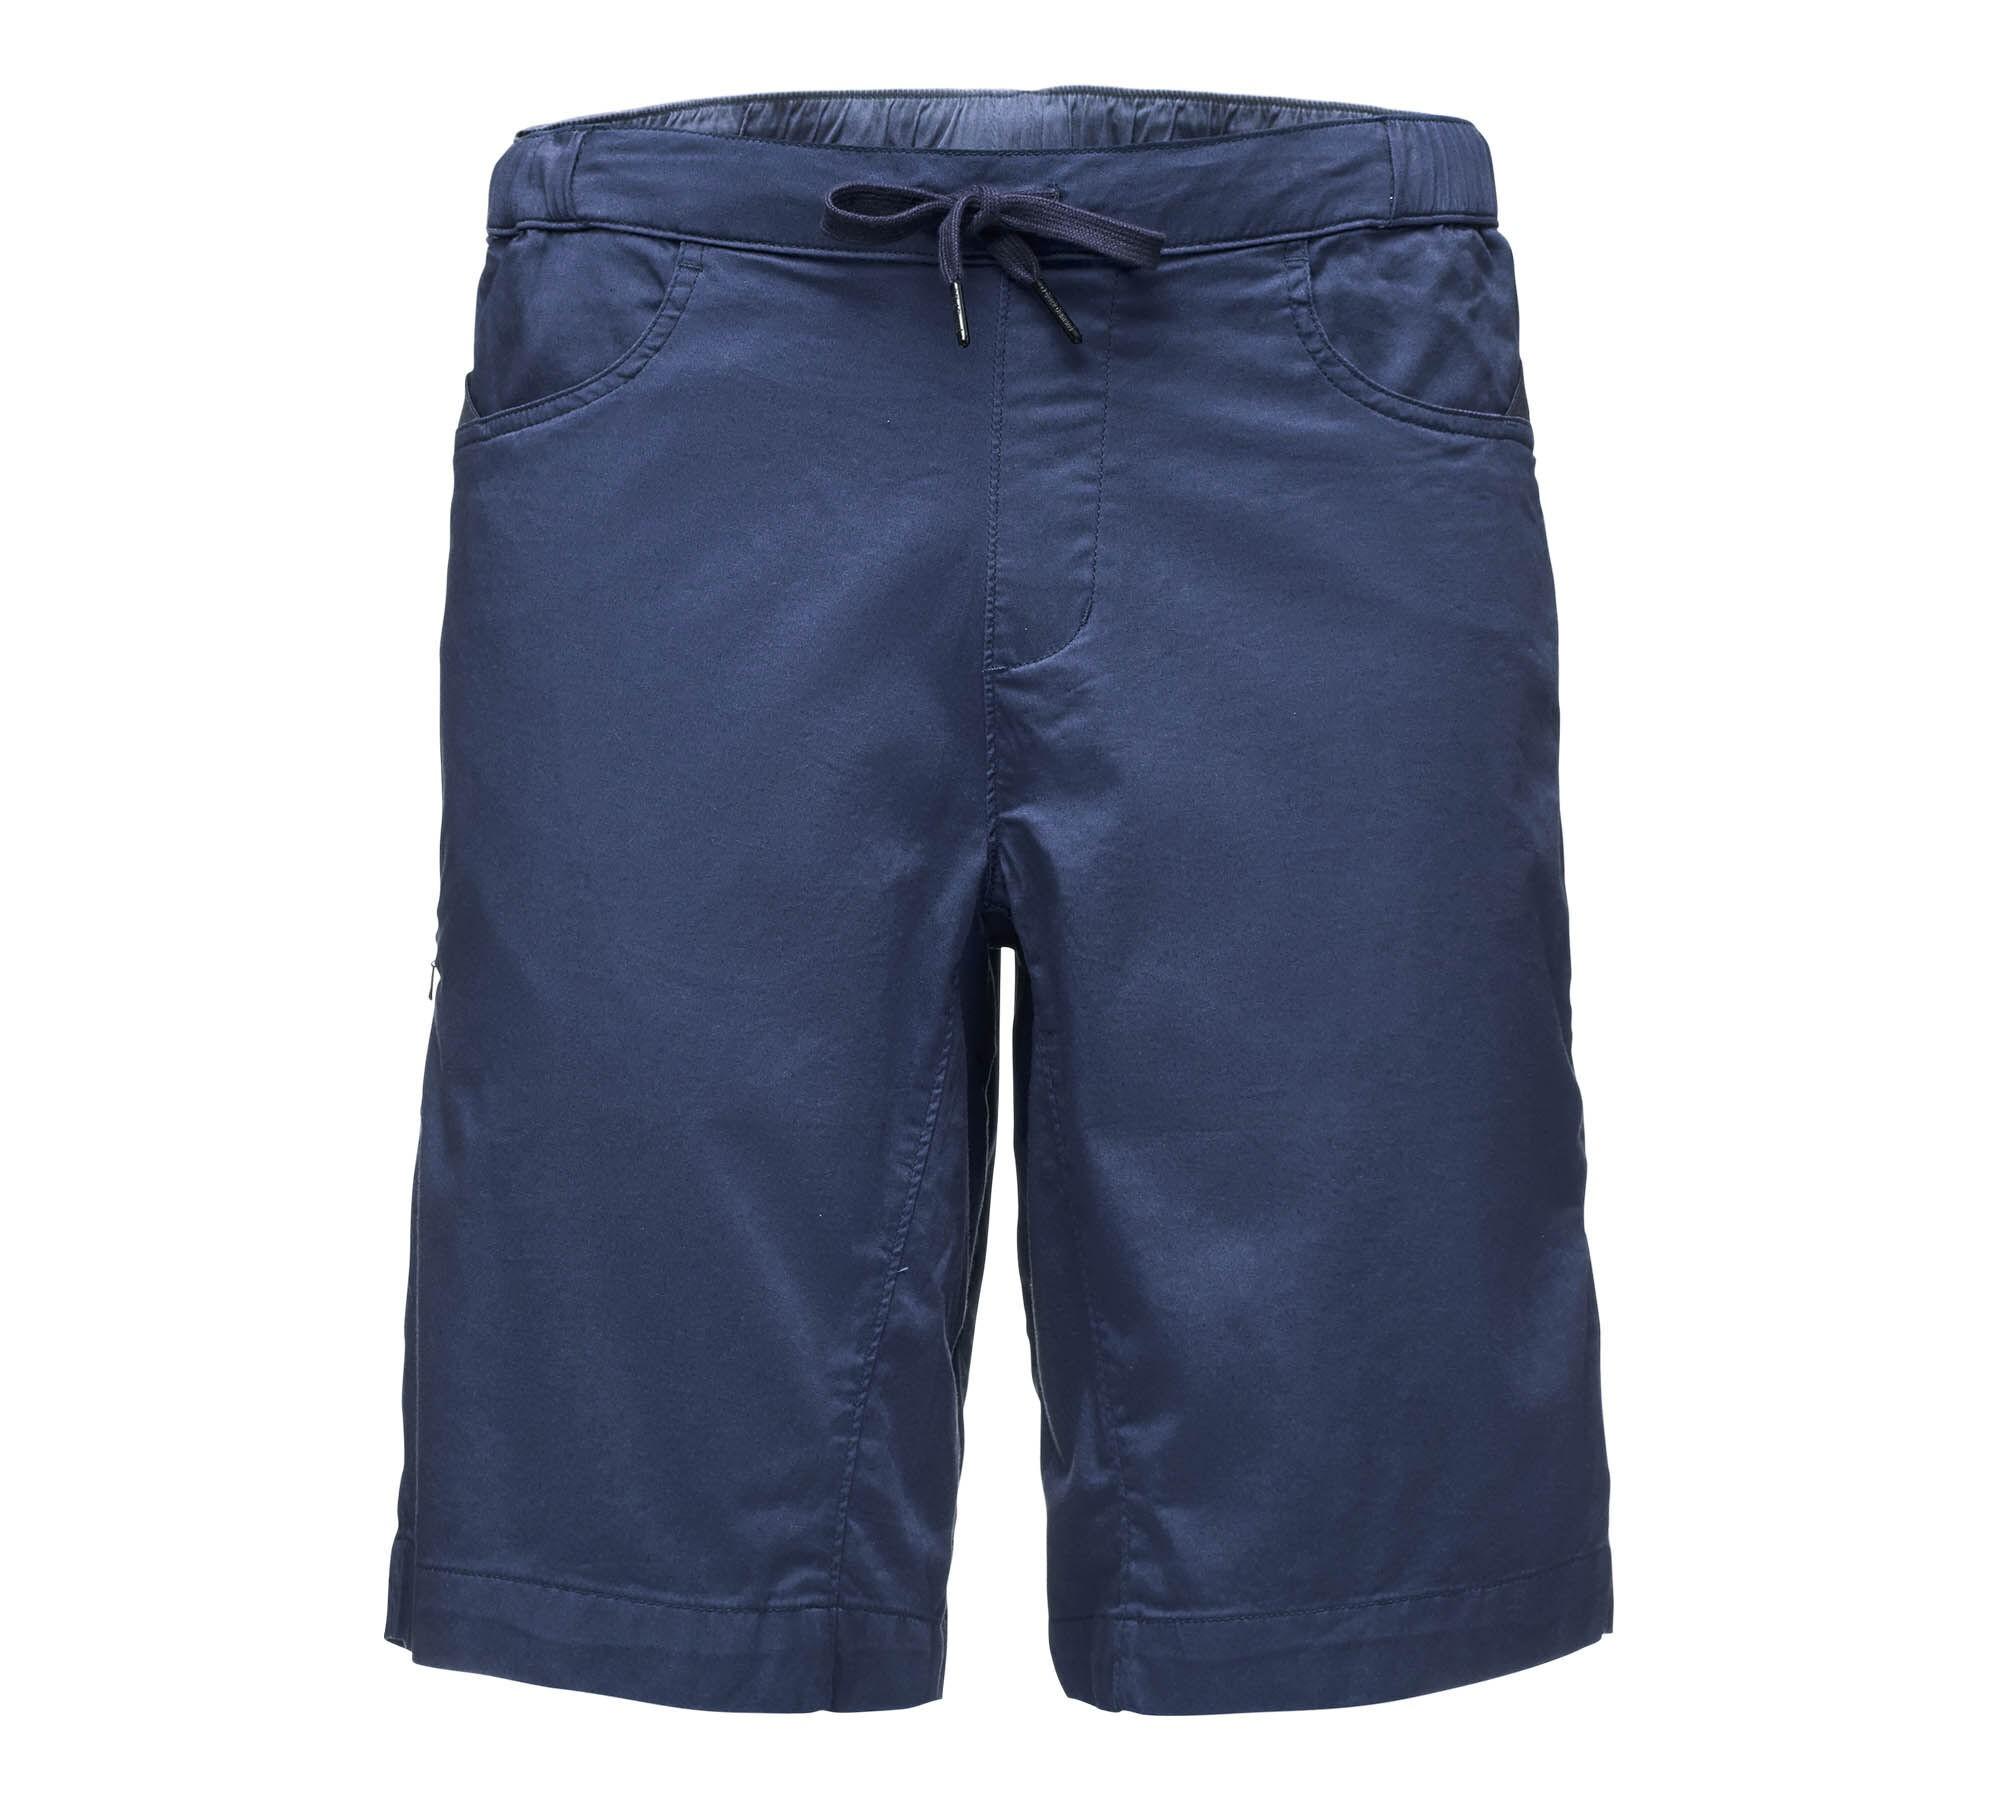 Black Diamond Notion Shorts - Klettershorts - Herren